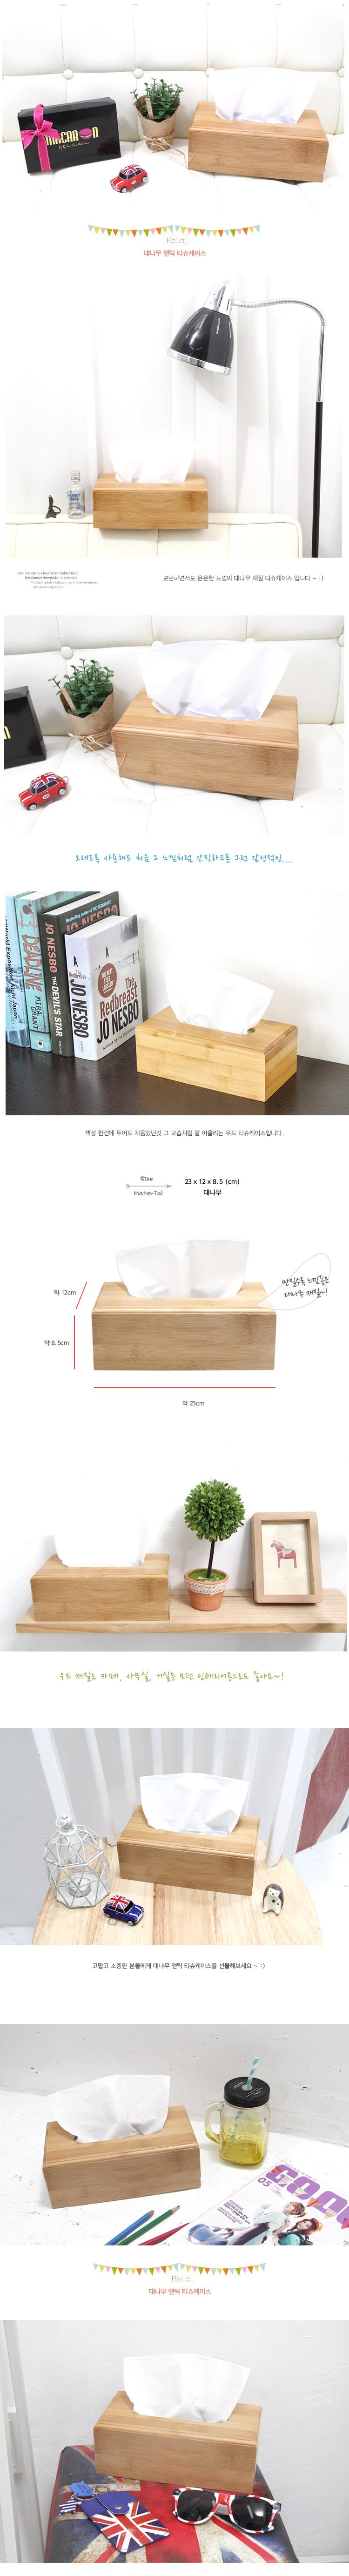 대나무앤틱티슈케이스 - 미스터고물상, 5,200원, 장식소품, 휴지/티슈케이스